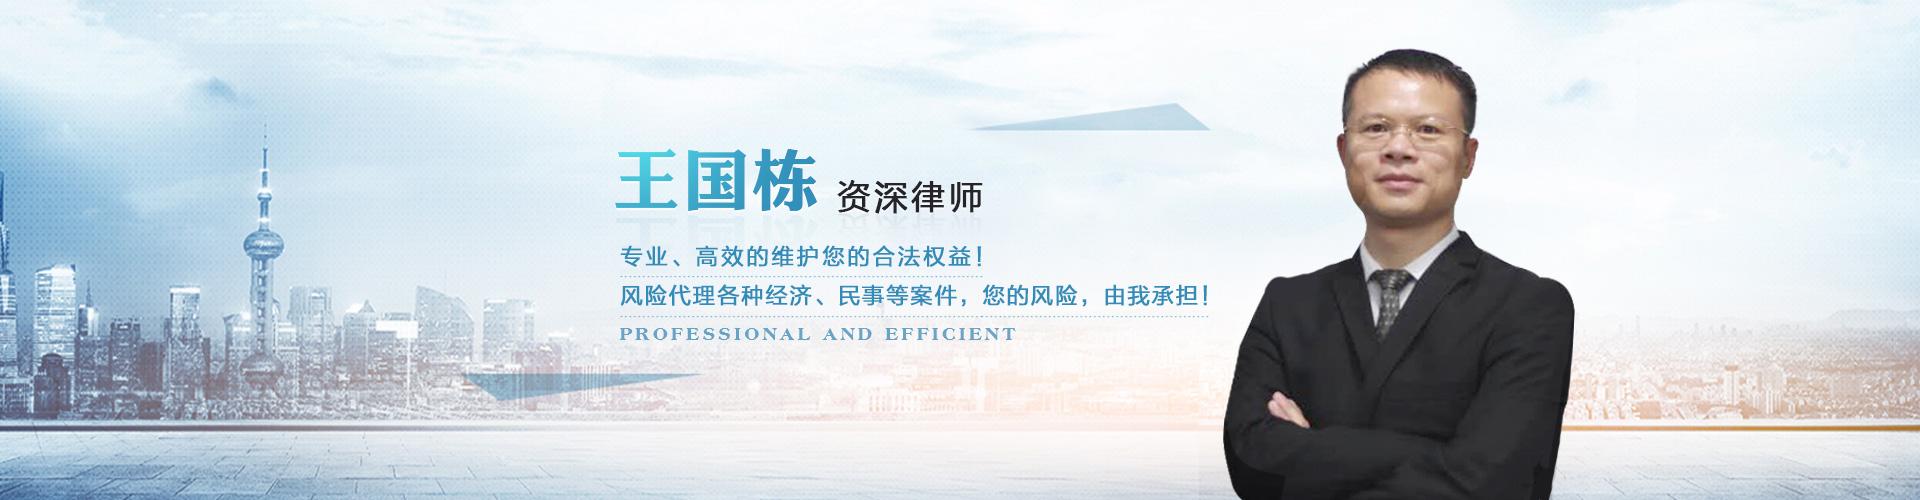 广东王国栋律师